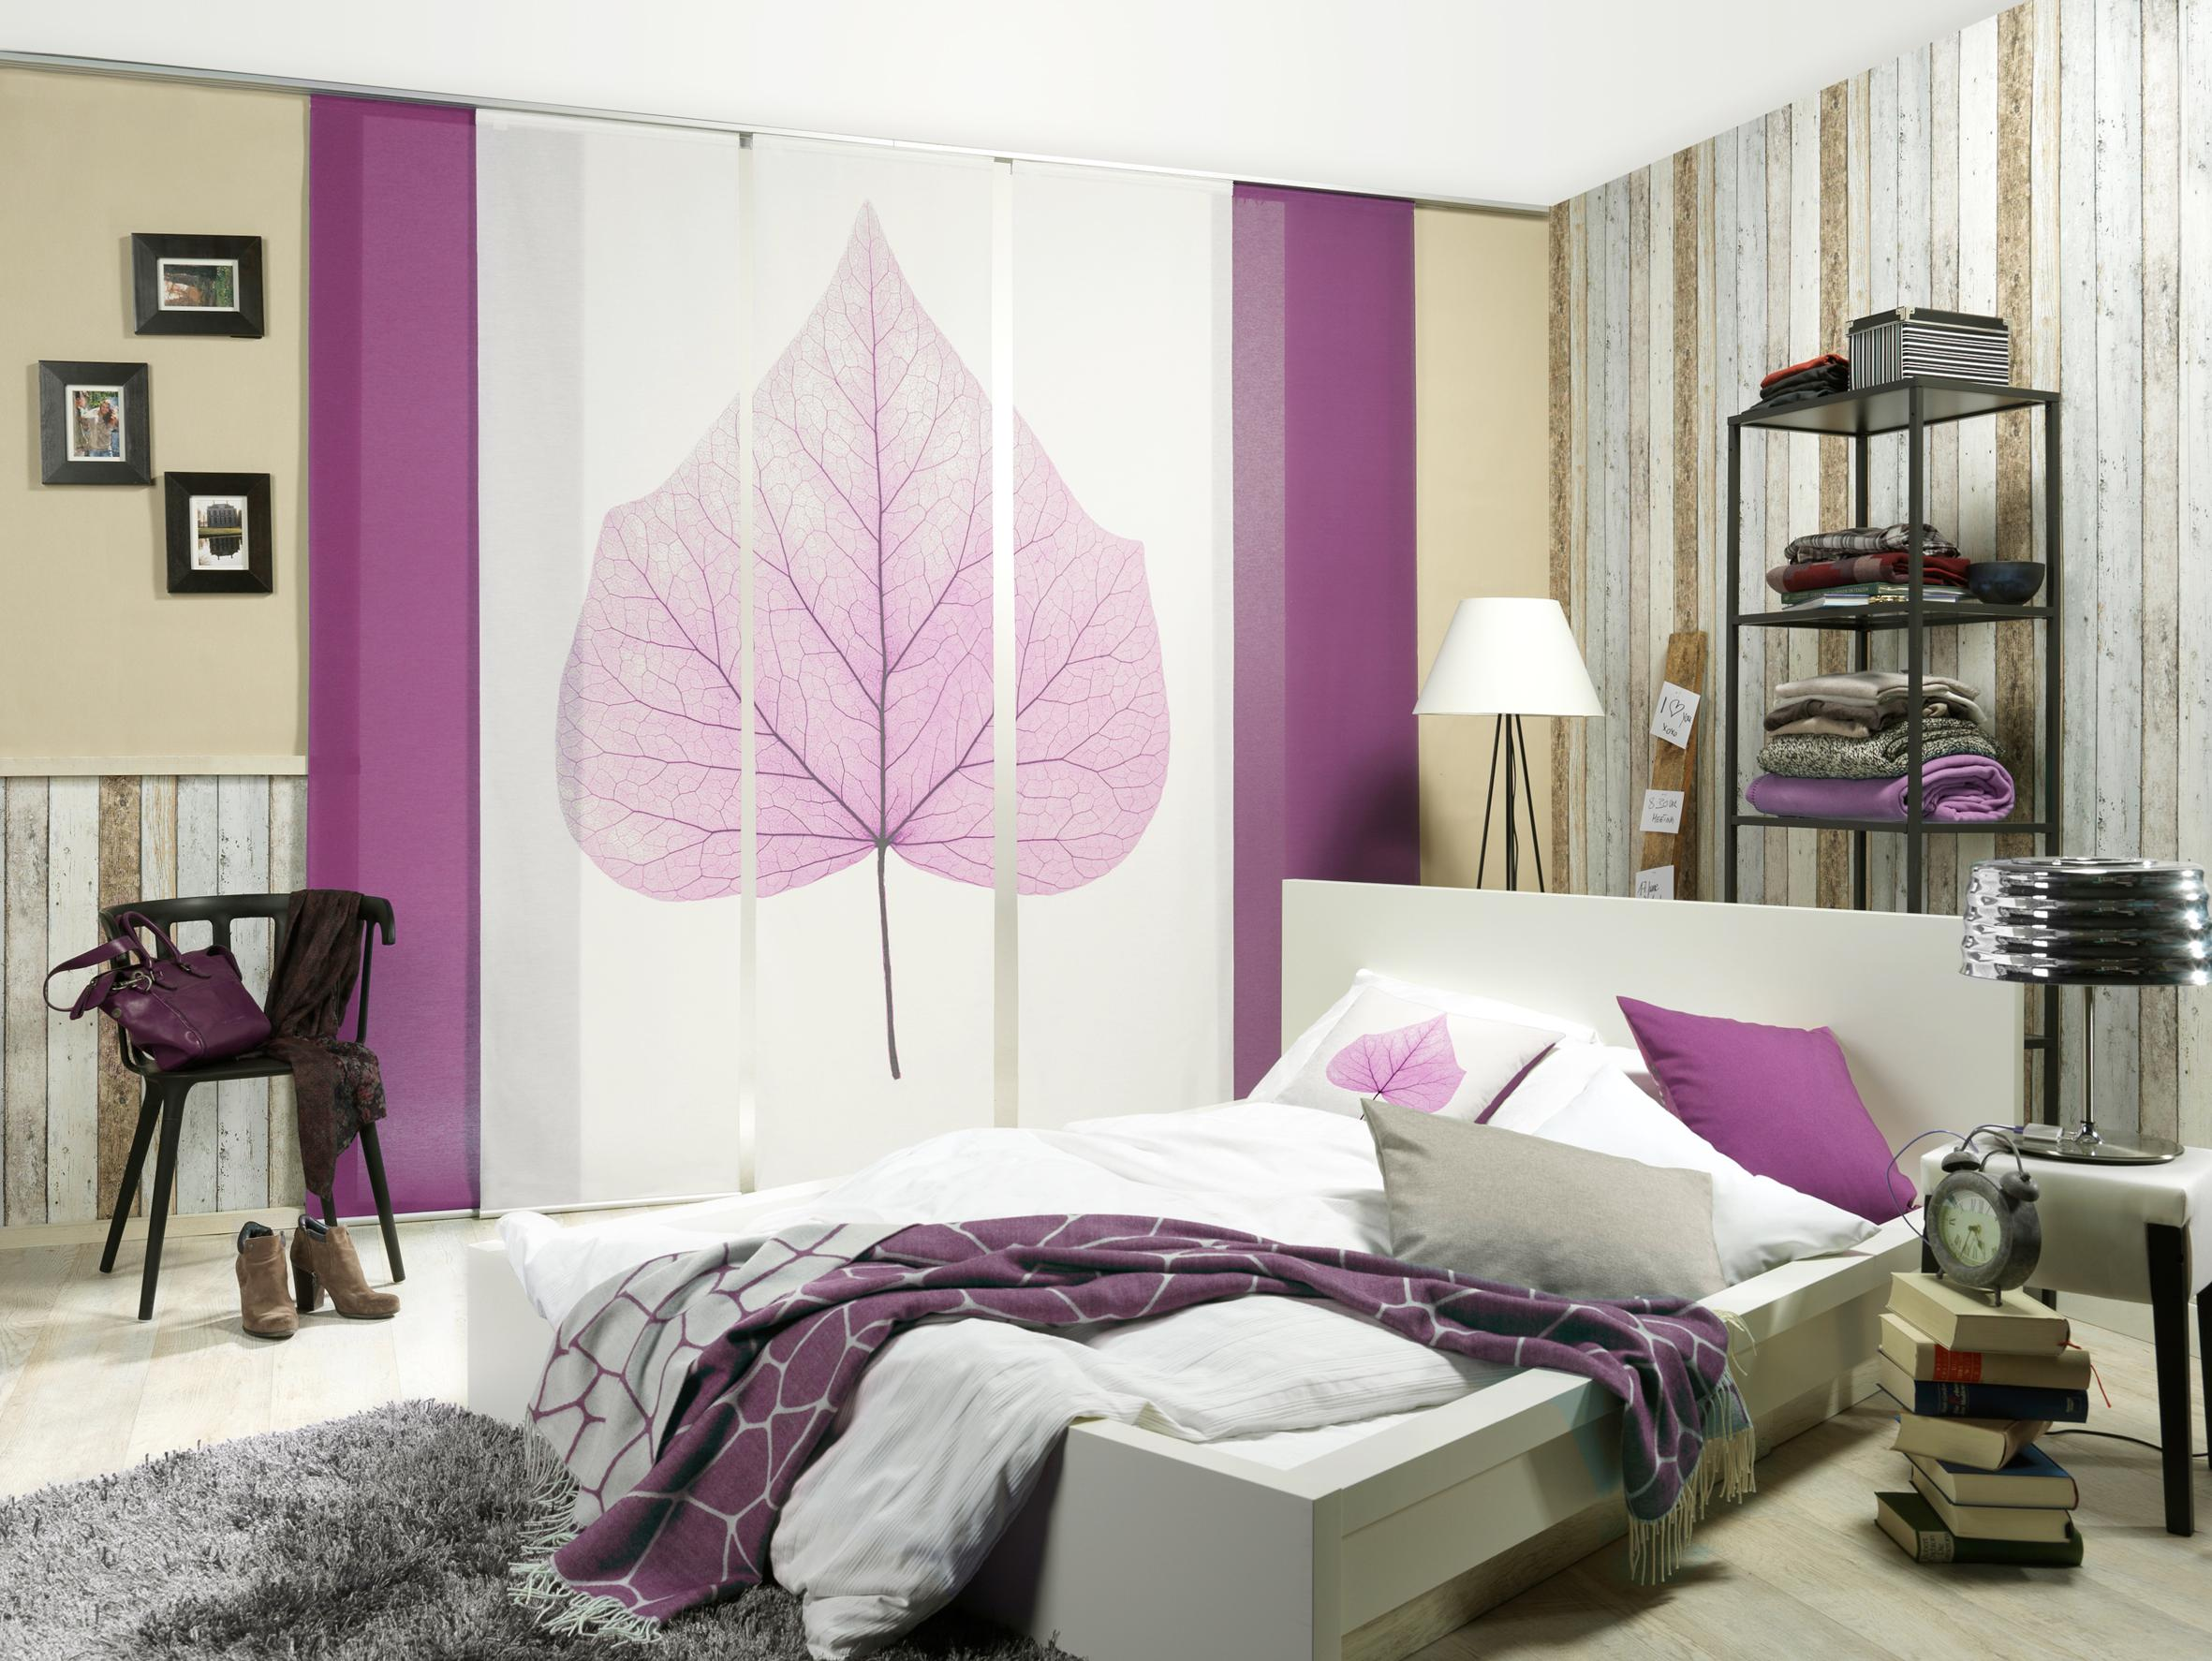 Schiebevorhang Bilder Ideen COUCHstyle - Schiebegardinen schlafzimmer